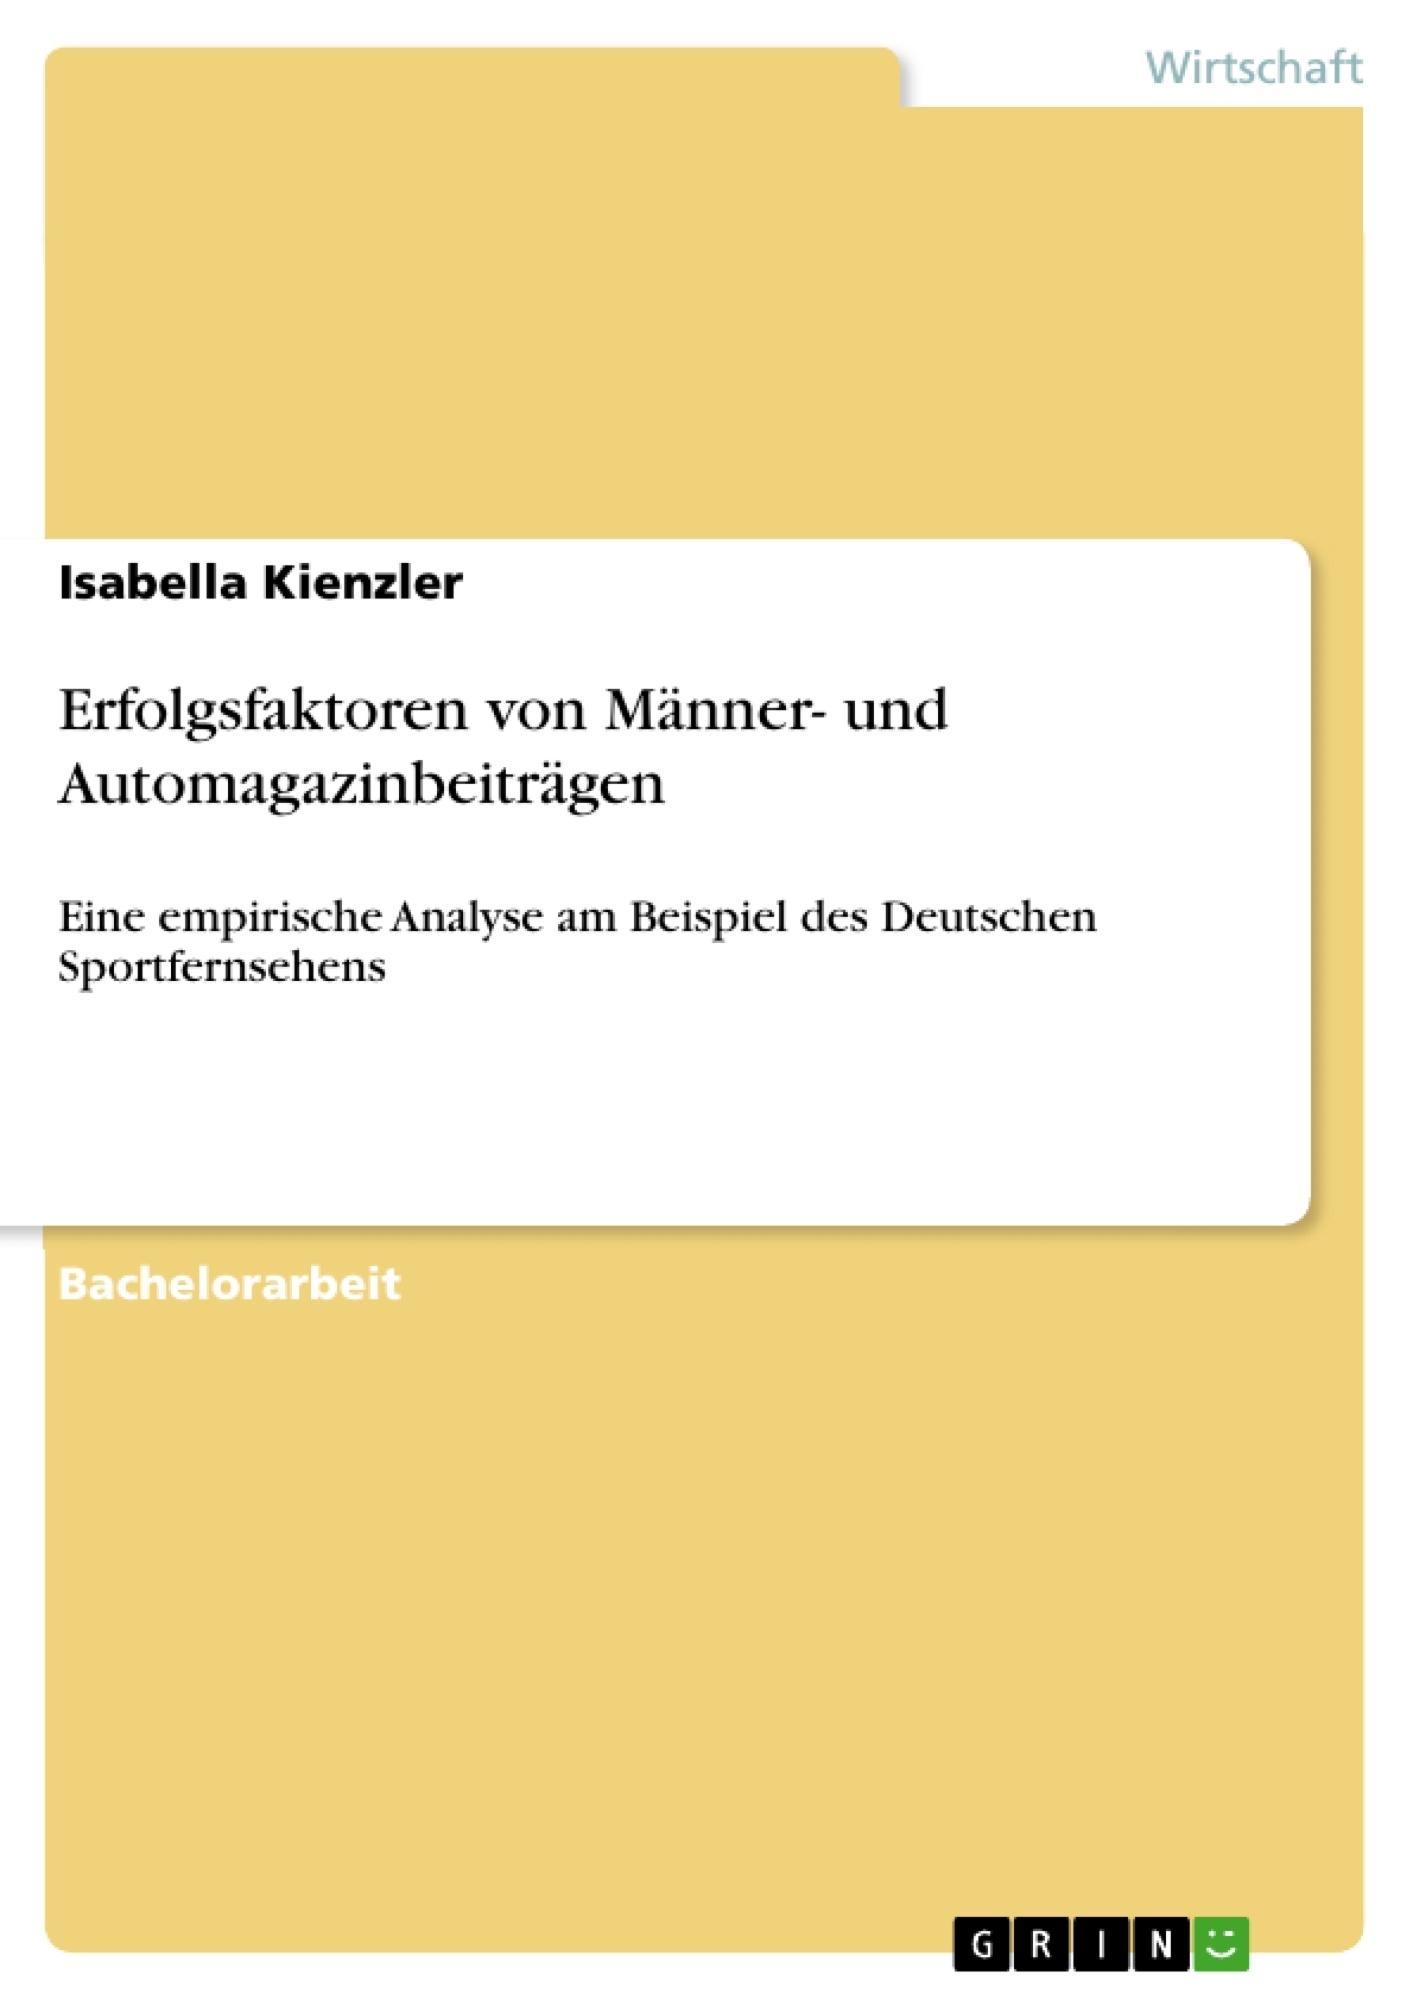 Titel: Erfolgsfaktoren von Männer- und Automagazinbeiträgen